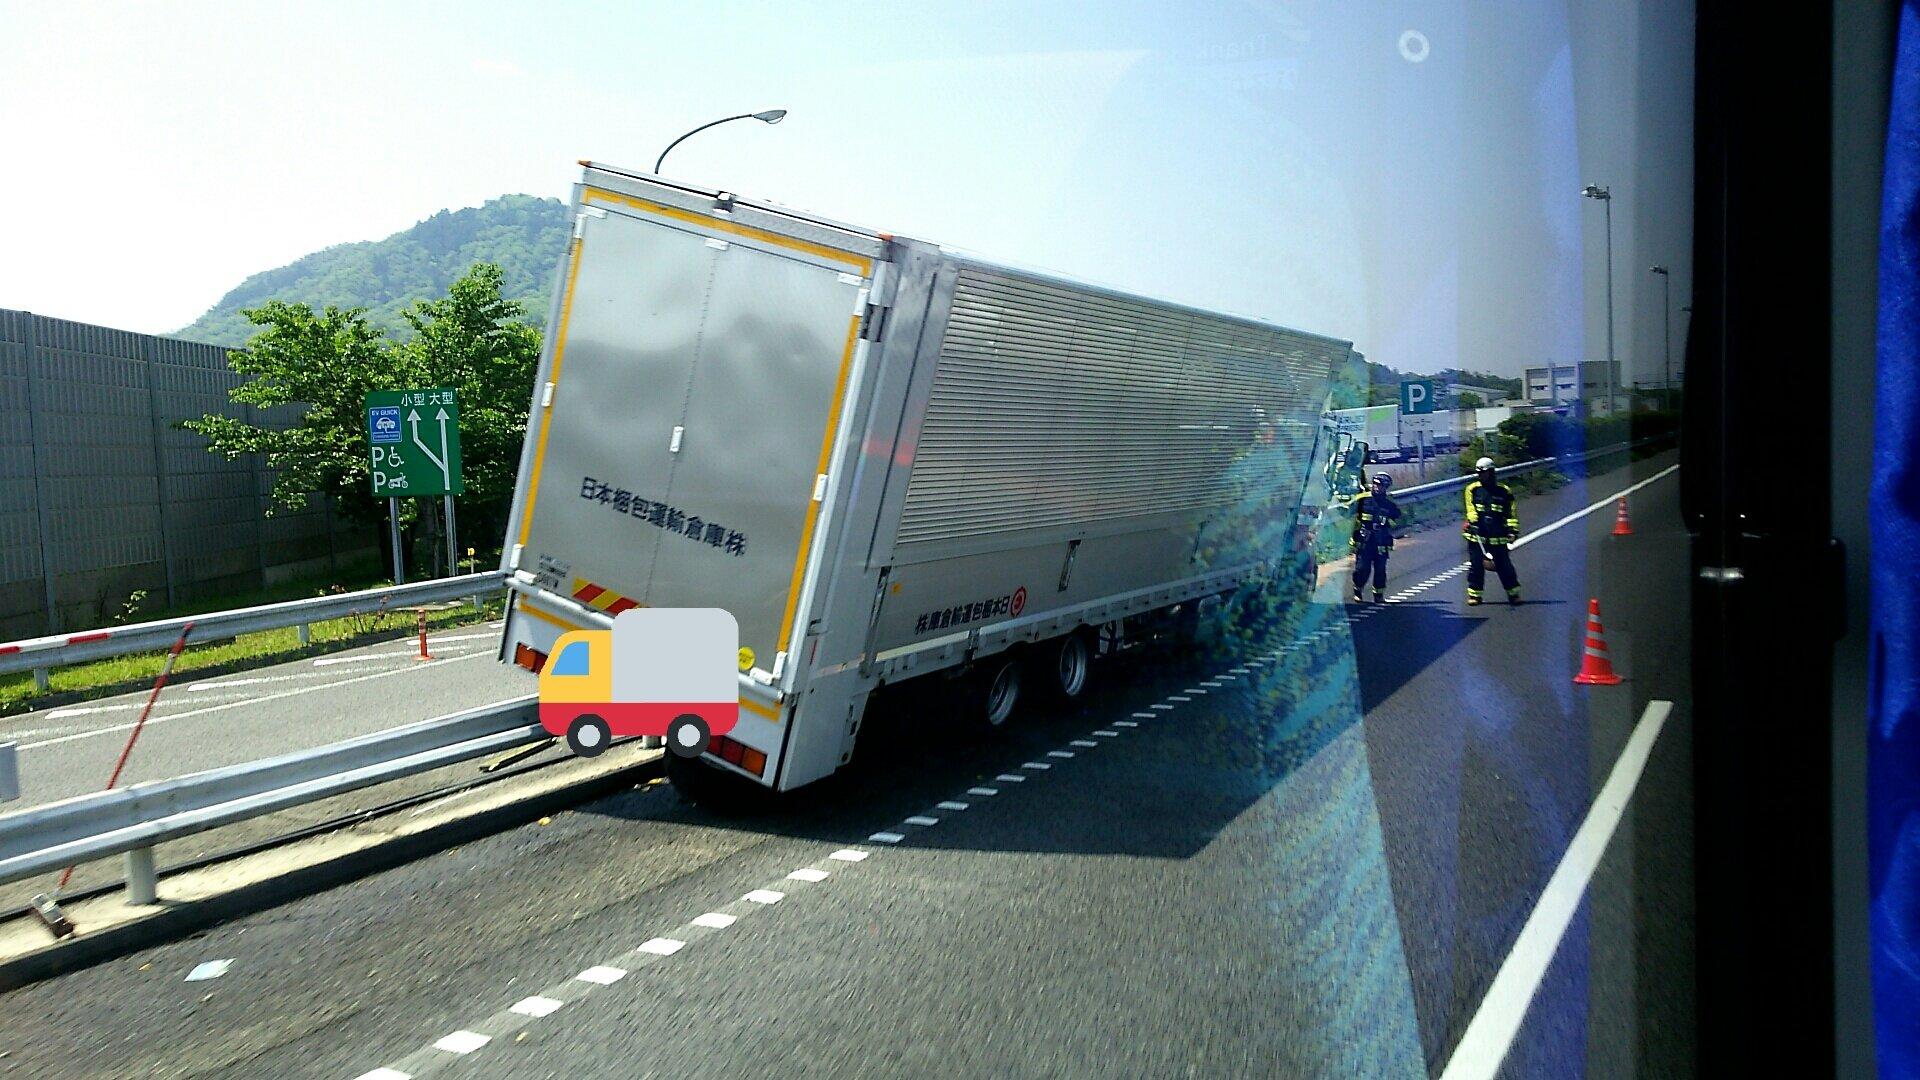 画像,名神高速竜王~栗東の渋滞はトラックが菩提寺PA進入口のガードレールに乗り上げたため。それにしても、どんな運転してたんだろう。 https://t.co/vyKL…